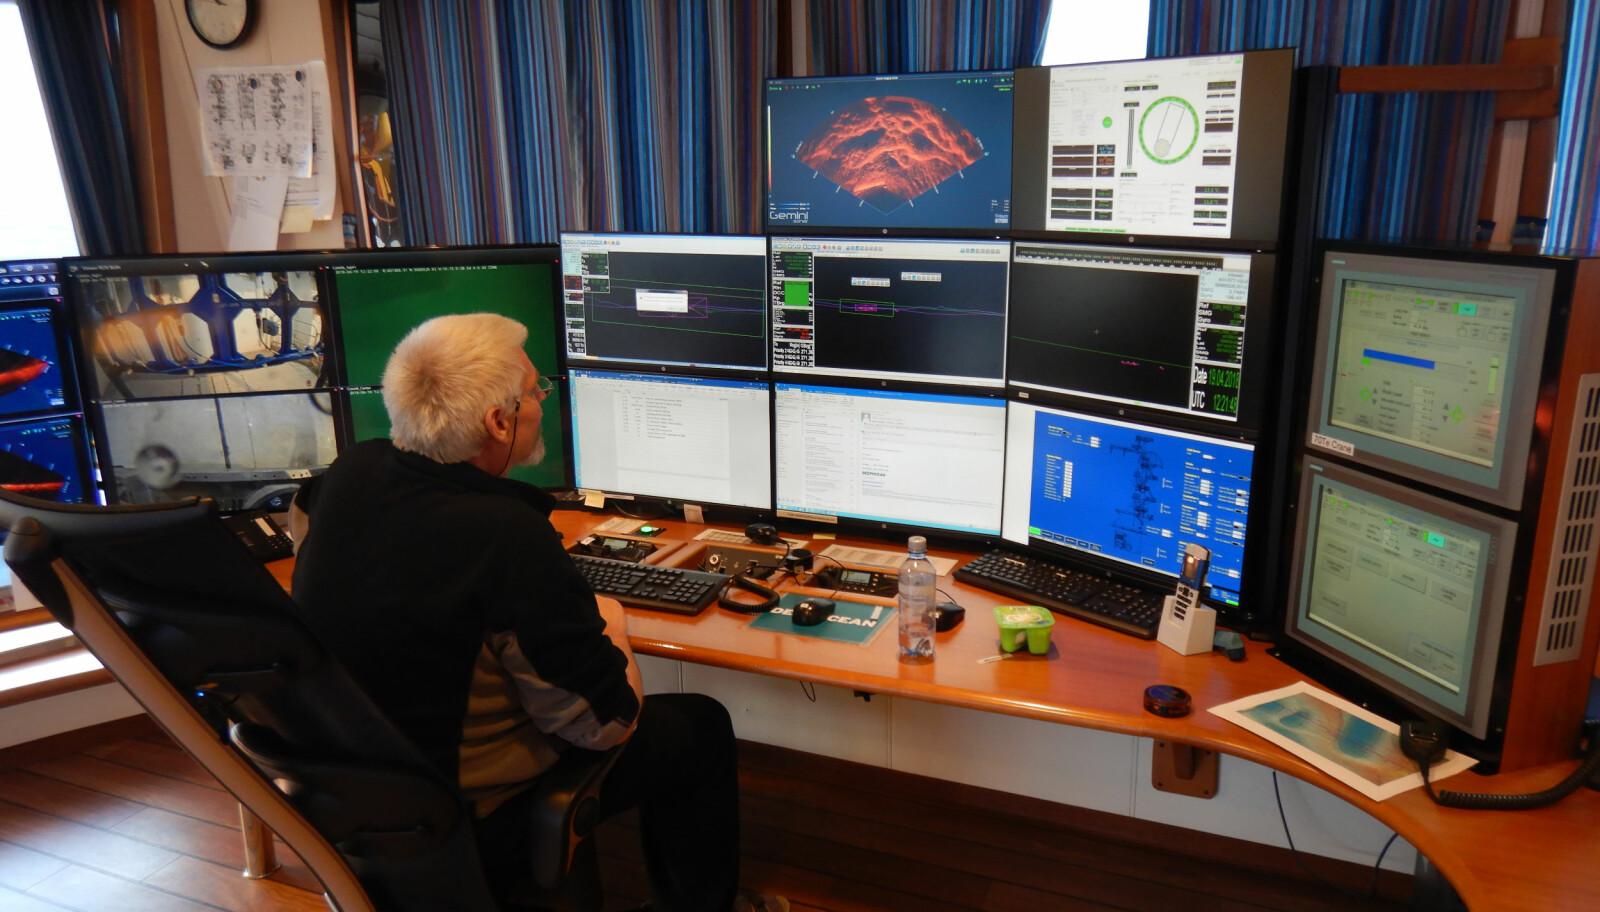 <b>FULL OVERSIKT:</b> Shift-superviser Svein Ove Nilsen styrer operasjonene via skjermer som viser bilder fra alt som skjer.